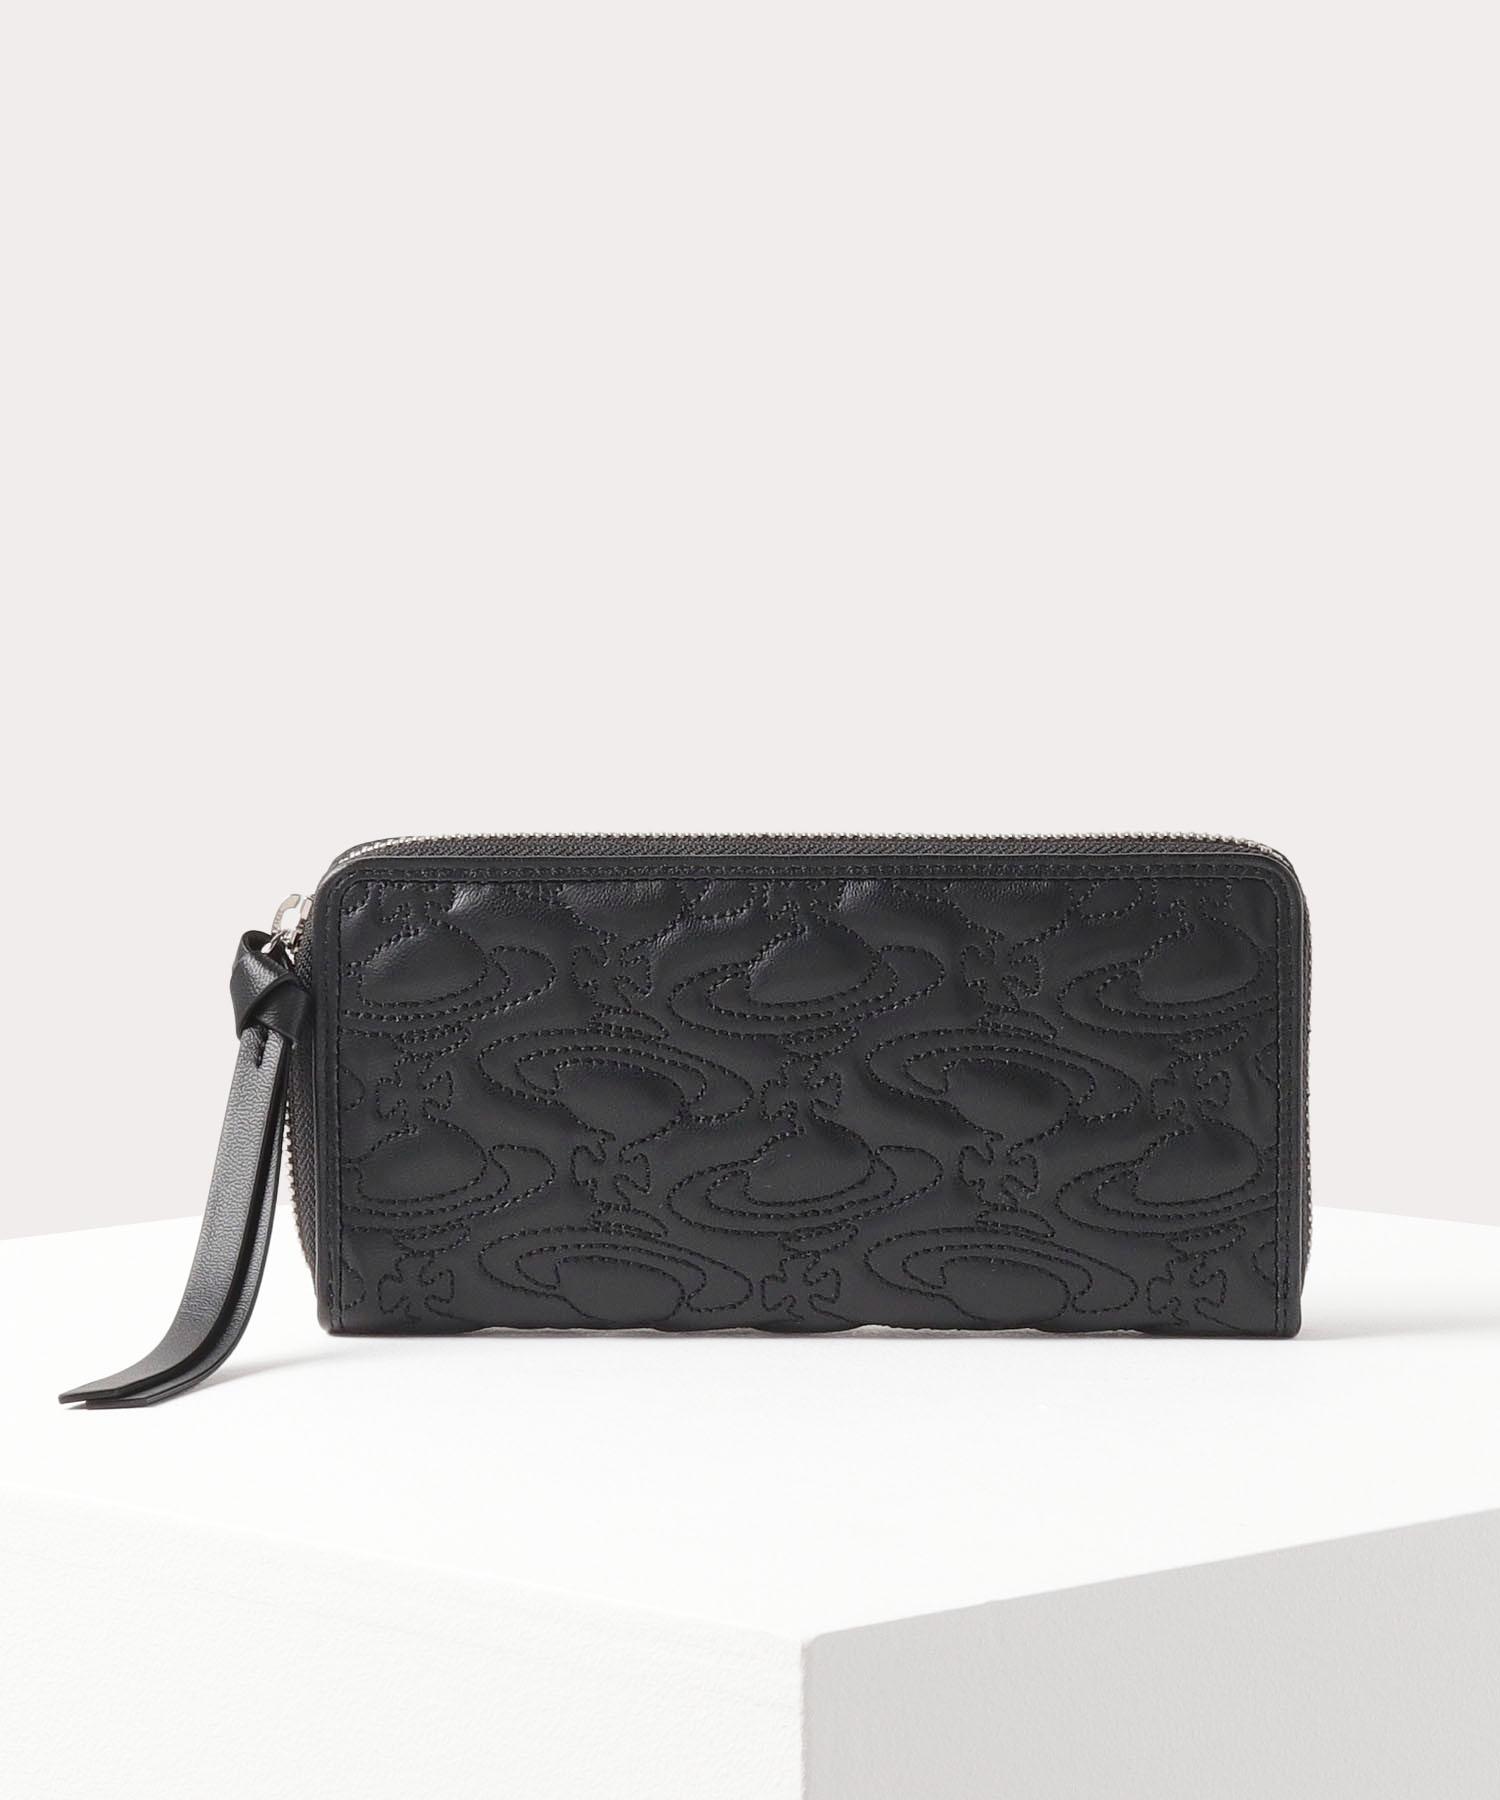 クリスマスプレゼントにおすすめなお財布はヴィヴィアンウエストウッドのWATER ORBです